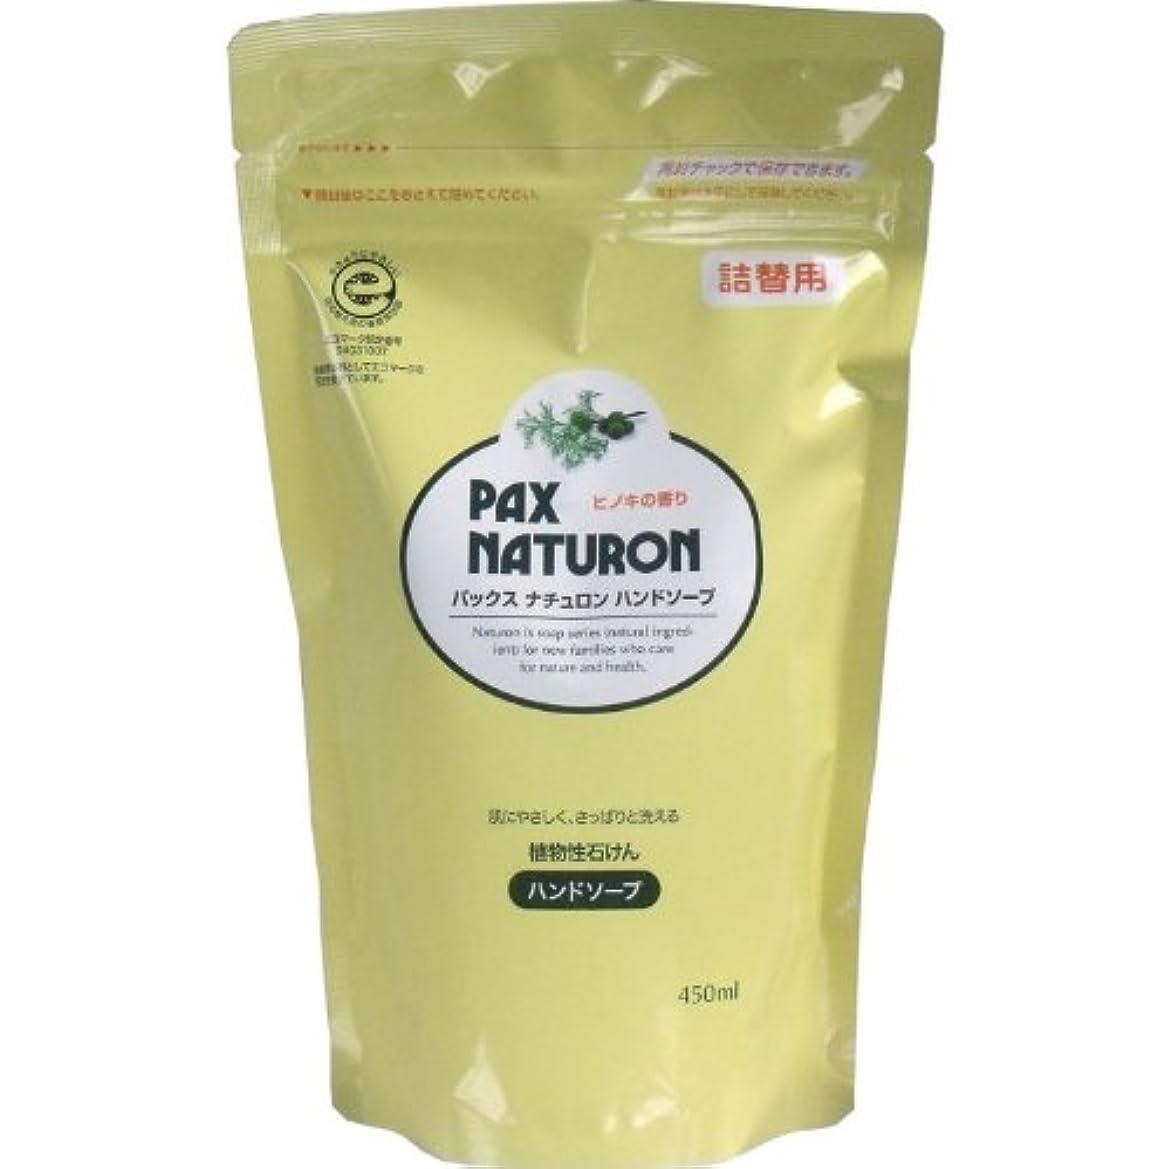 指令クリップ蝶反射肌にやさしく、さっぱりと洗える植物性石けん!植物性ハンドソープ 詰替用 450mL【2個セット】